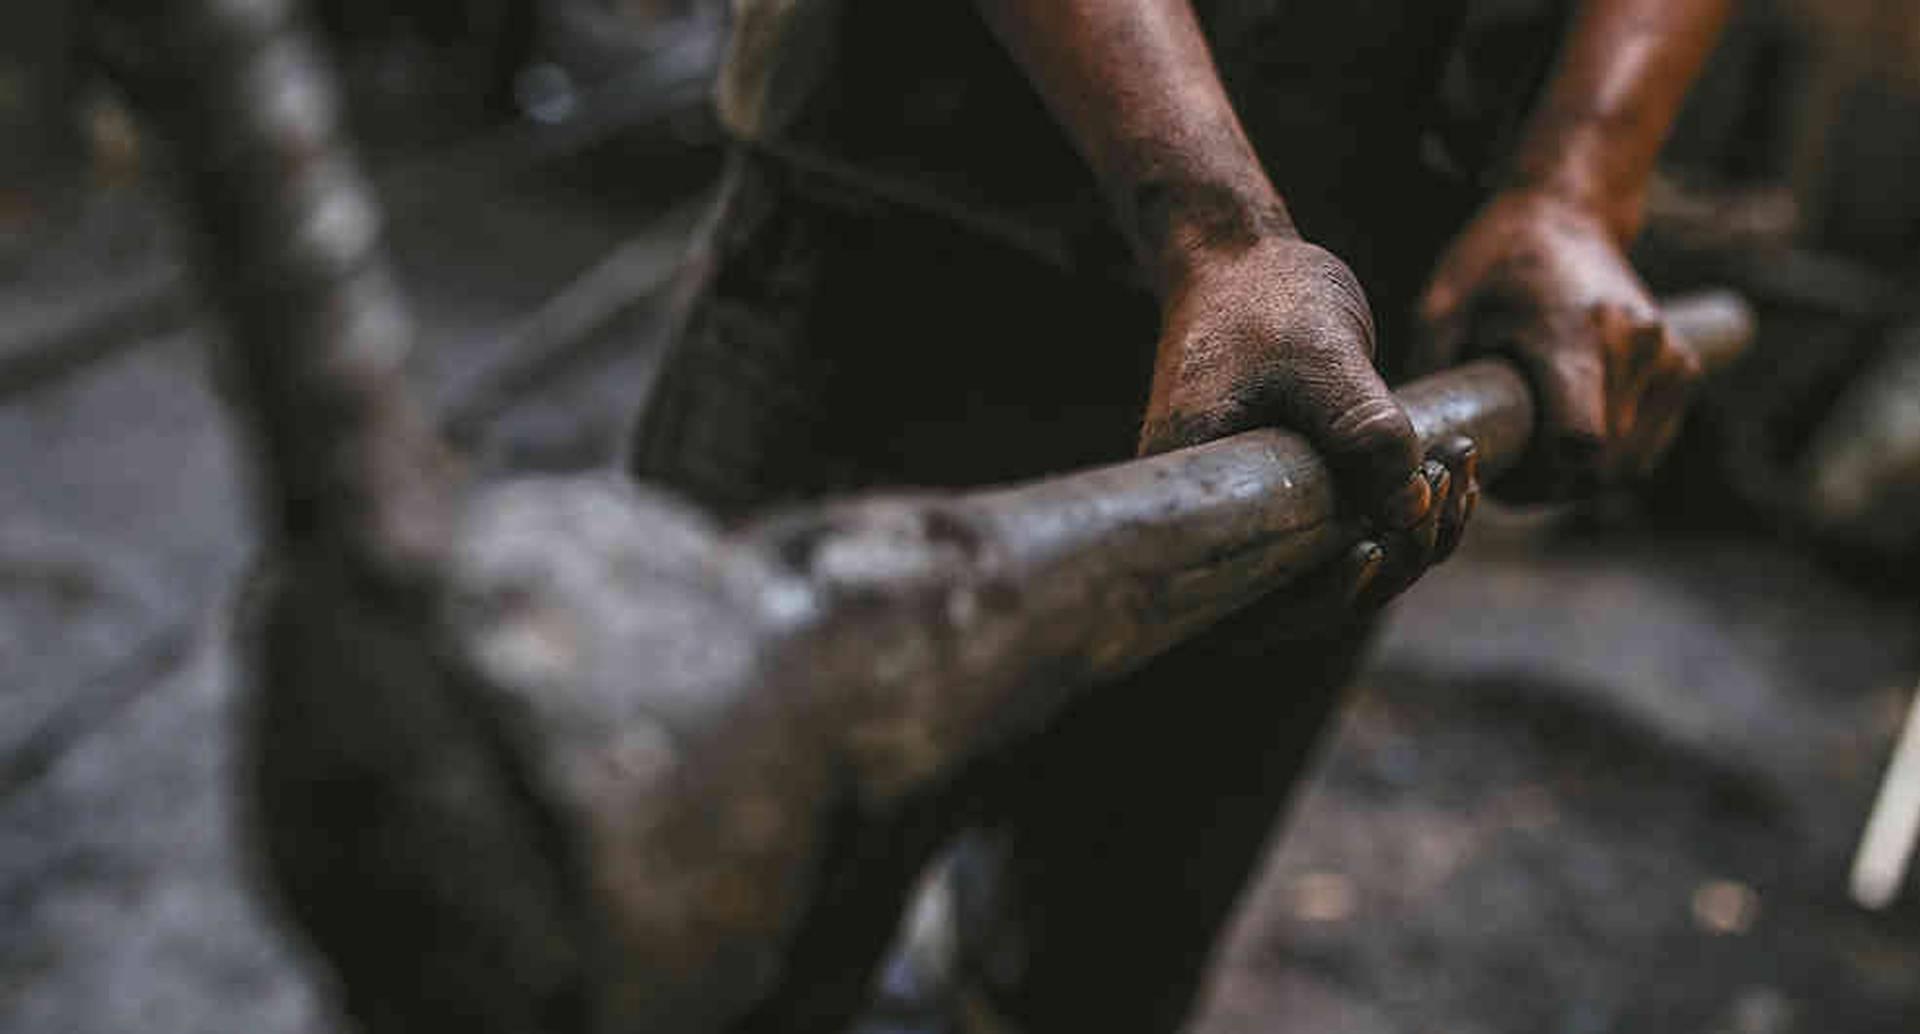 La historia del carbón en Colombia se remonta a épocas indígenas.